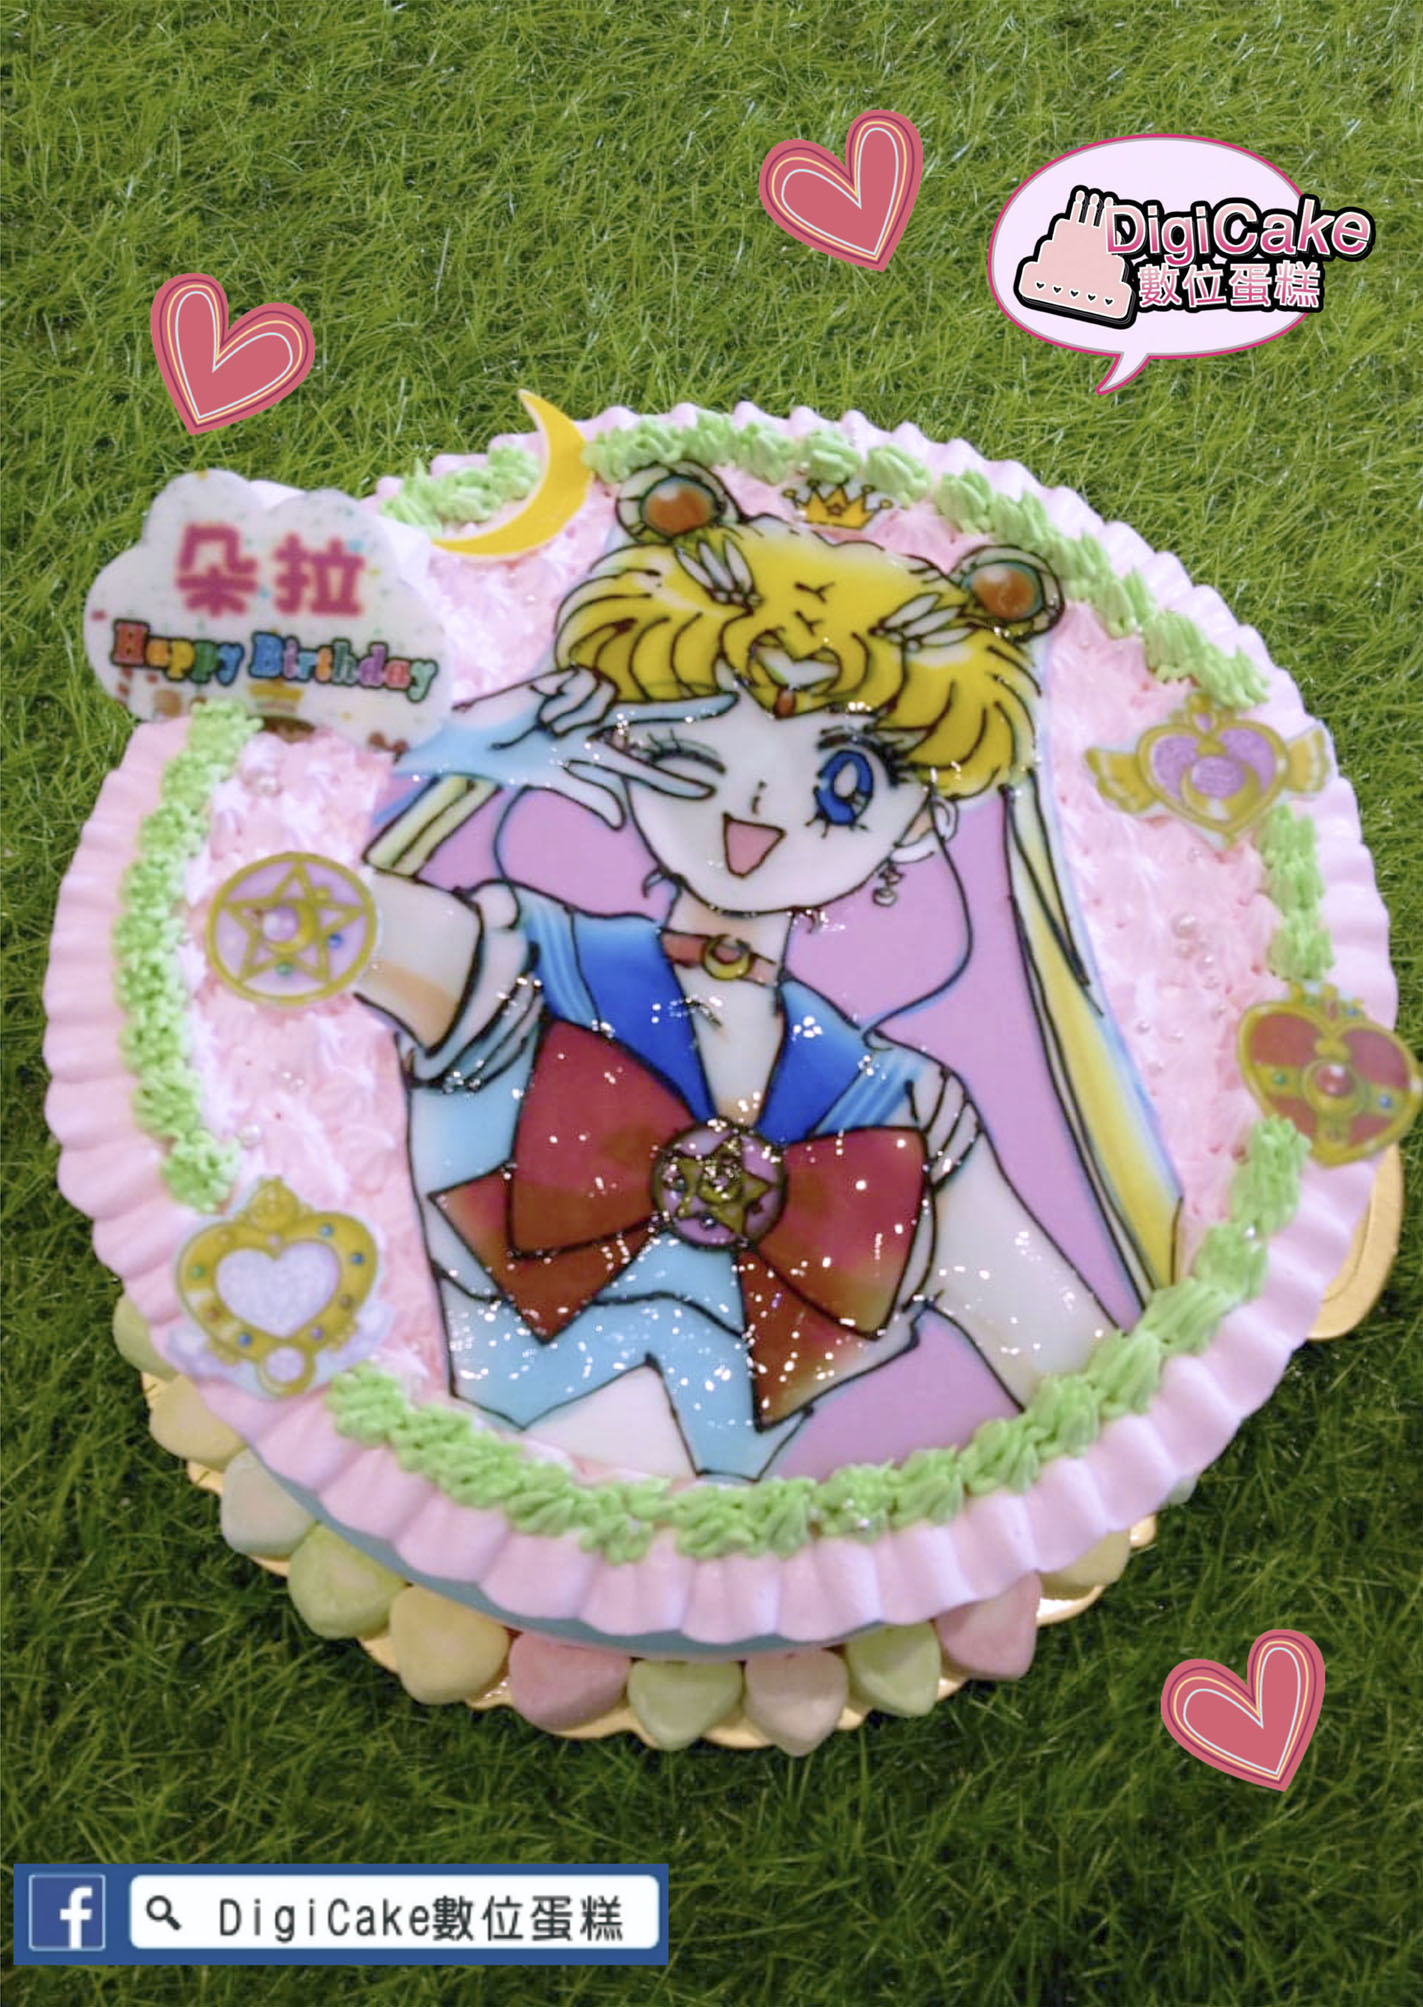 點此進入美少女孩戰士手繪蛋糕的詳細資料!